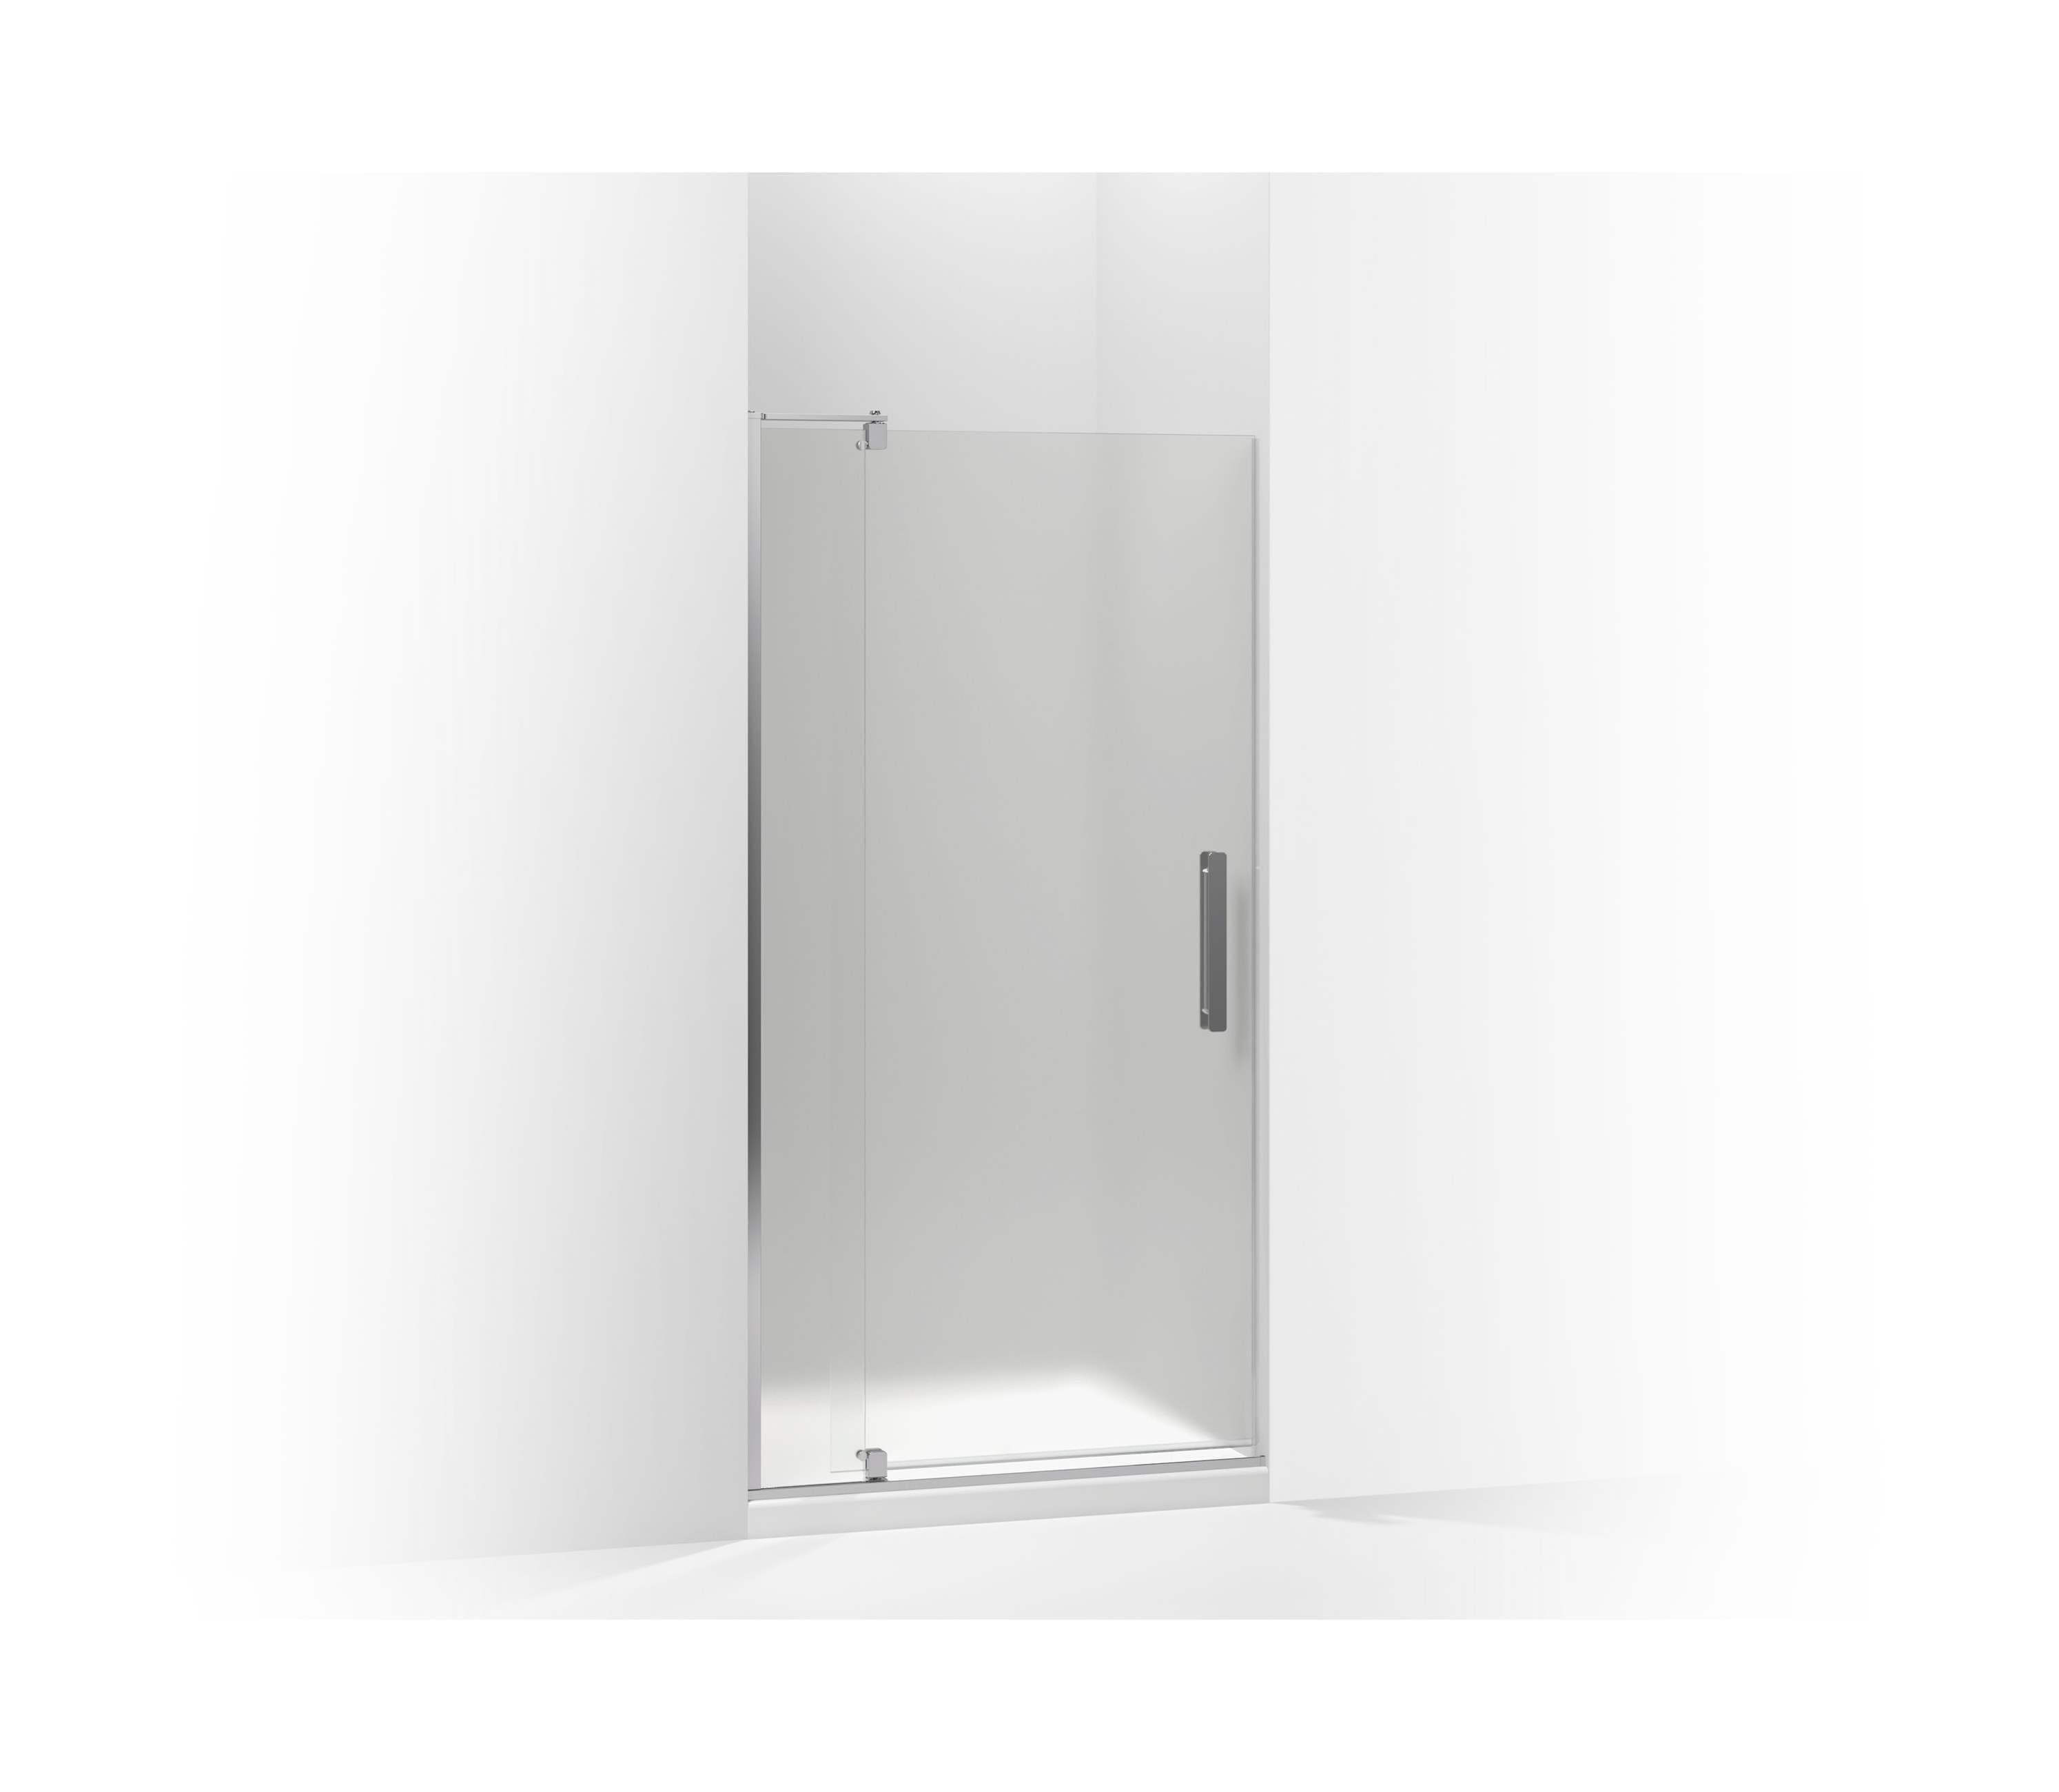 Kohler Revel Shower Door K 707516 D3 Bnk Supply Com Shower Doors Kohler Shower